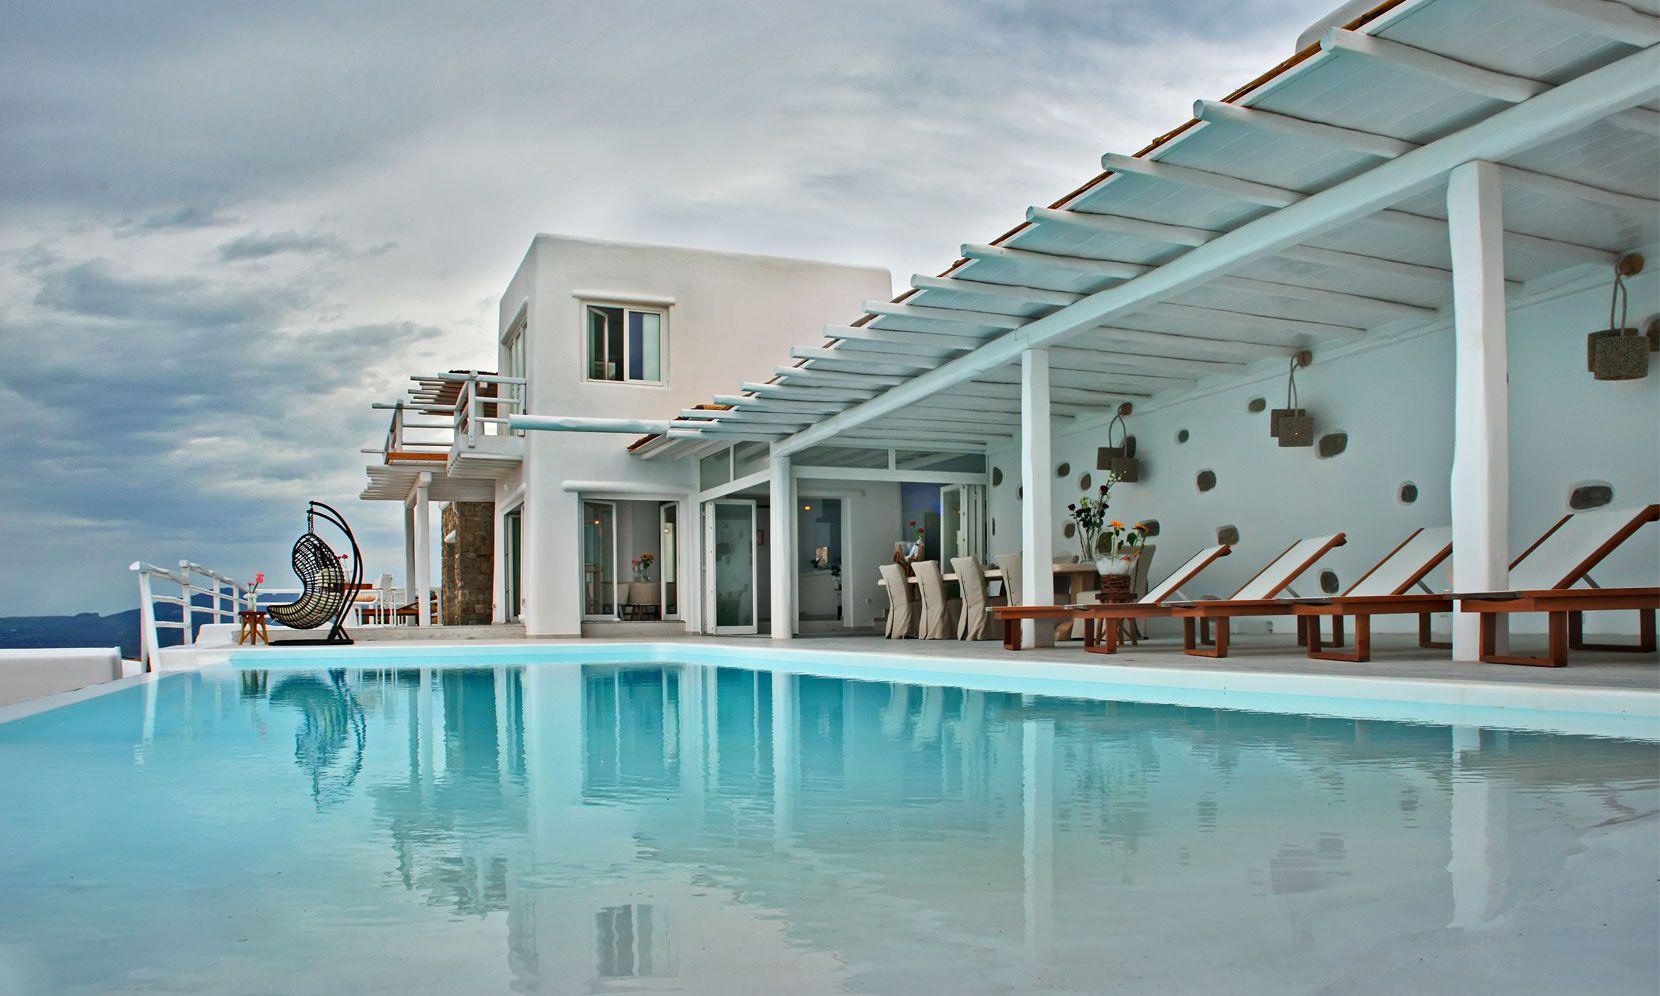 Mykonos Villa Thalassa 5 jumbotron image